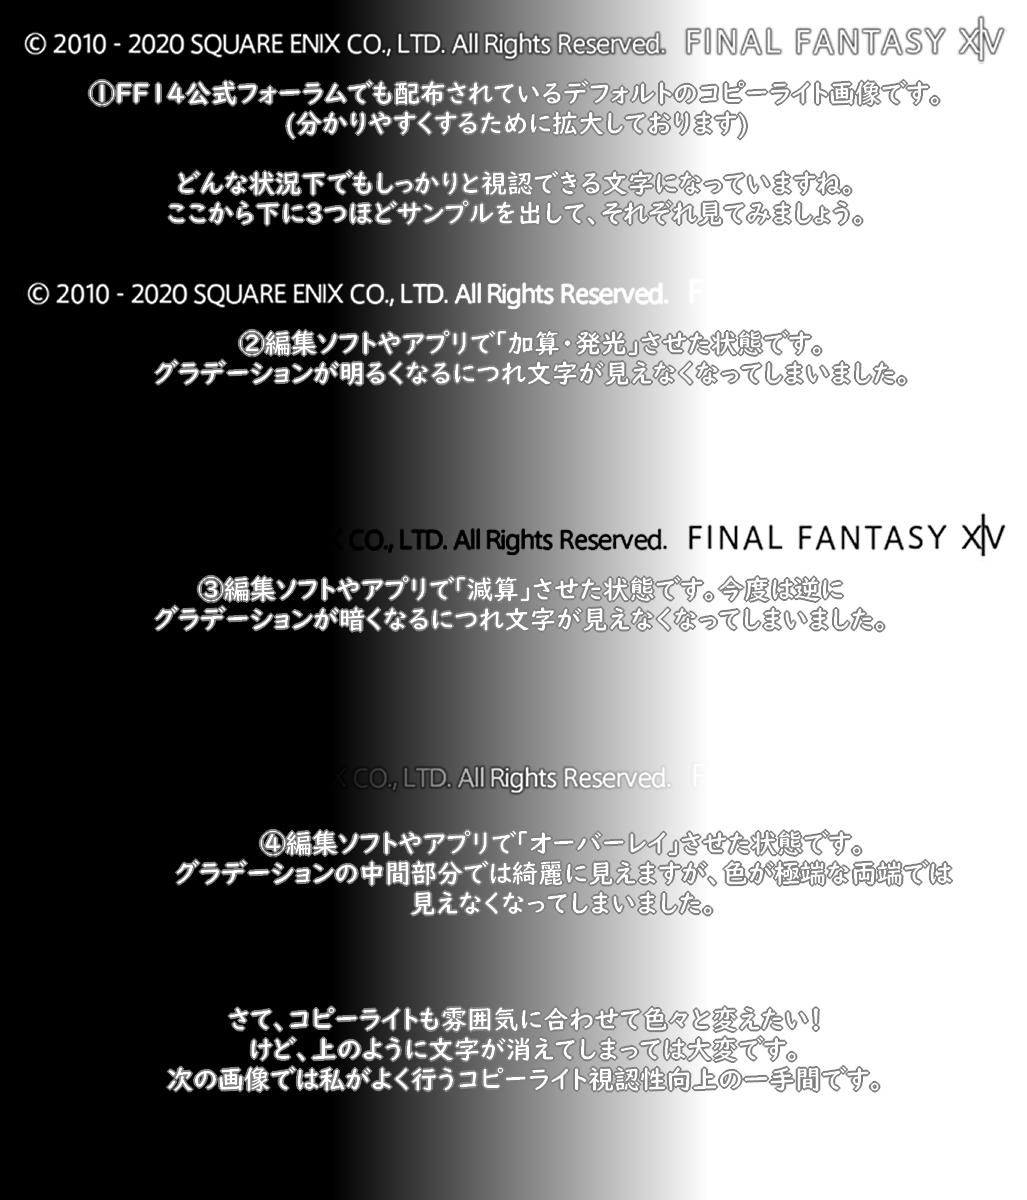 ライト ff14 コピー